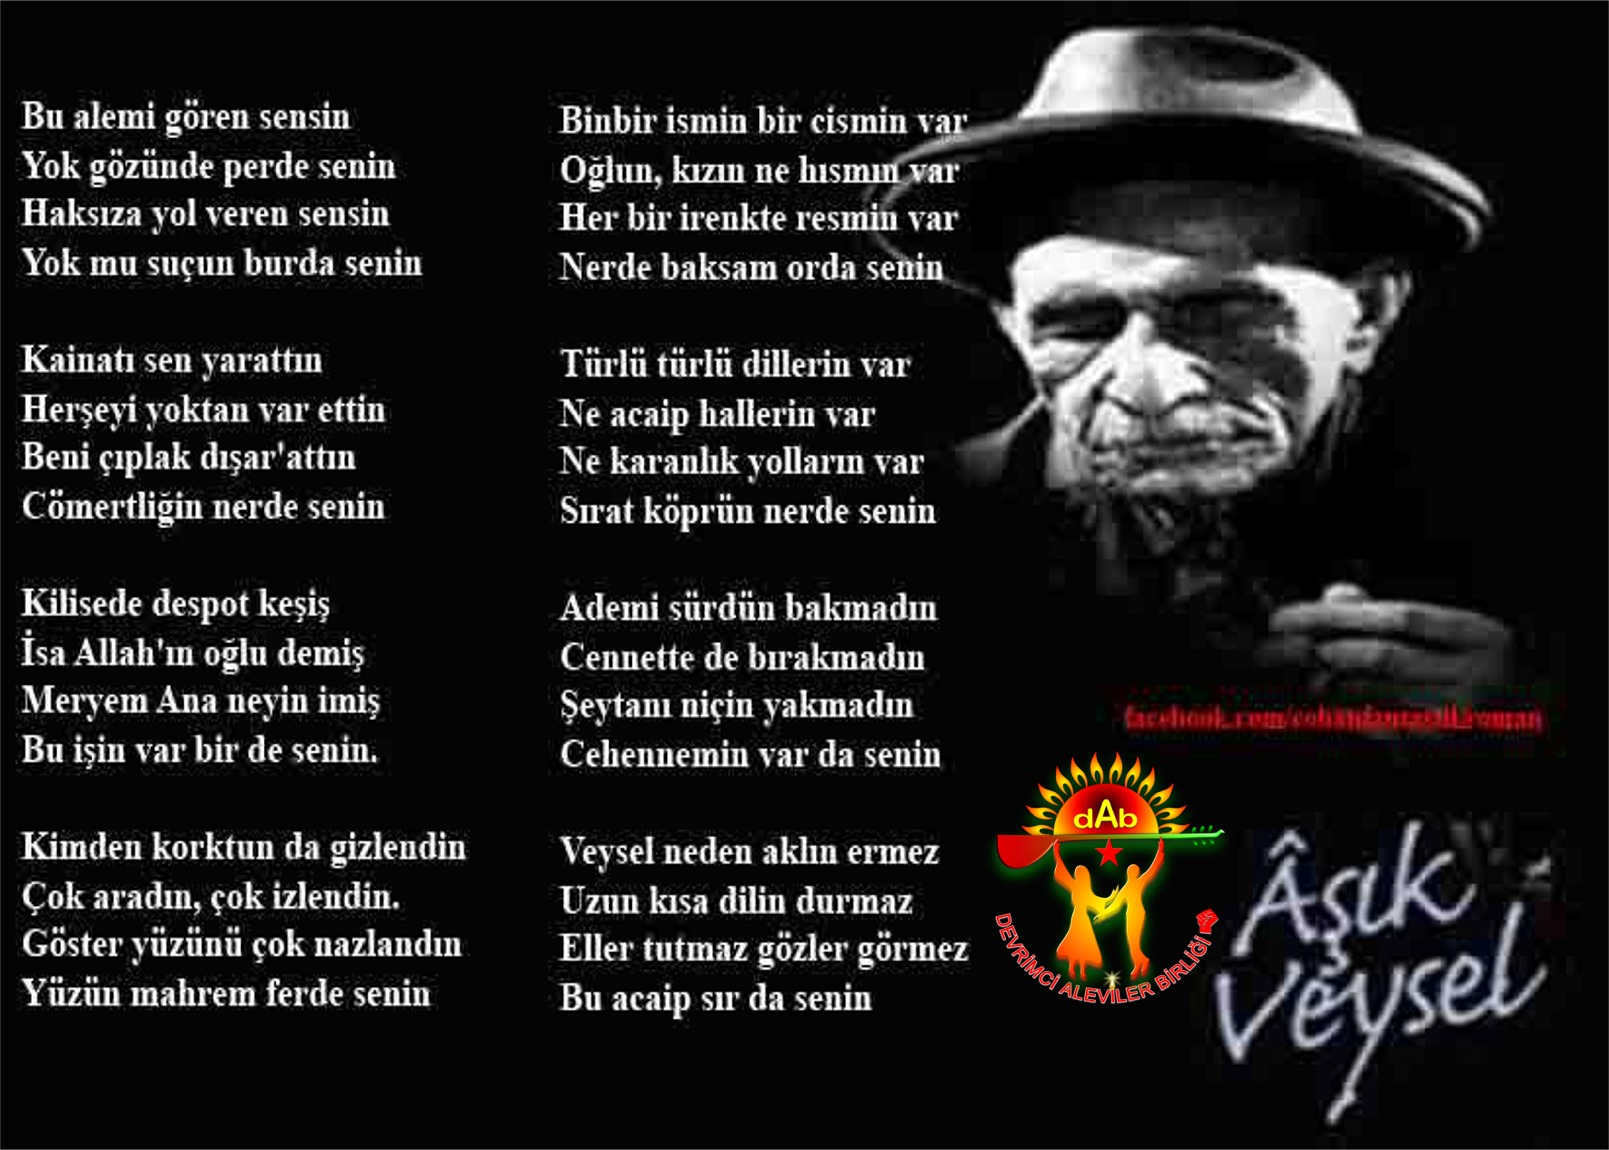 Alevi Bektaşi Kızılbaş Pir Sultan Devrimci Aleviler Birliği DAB veysel senin